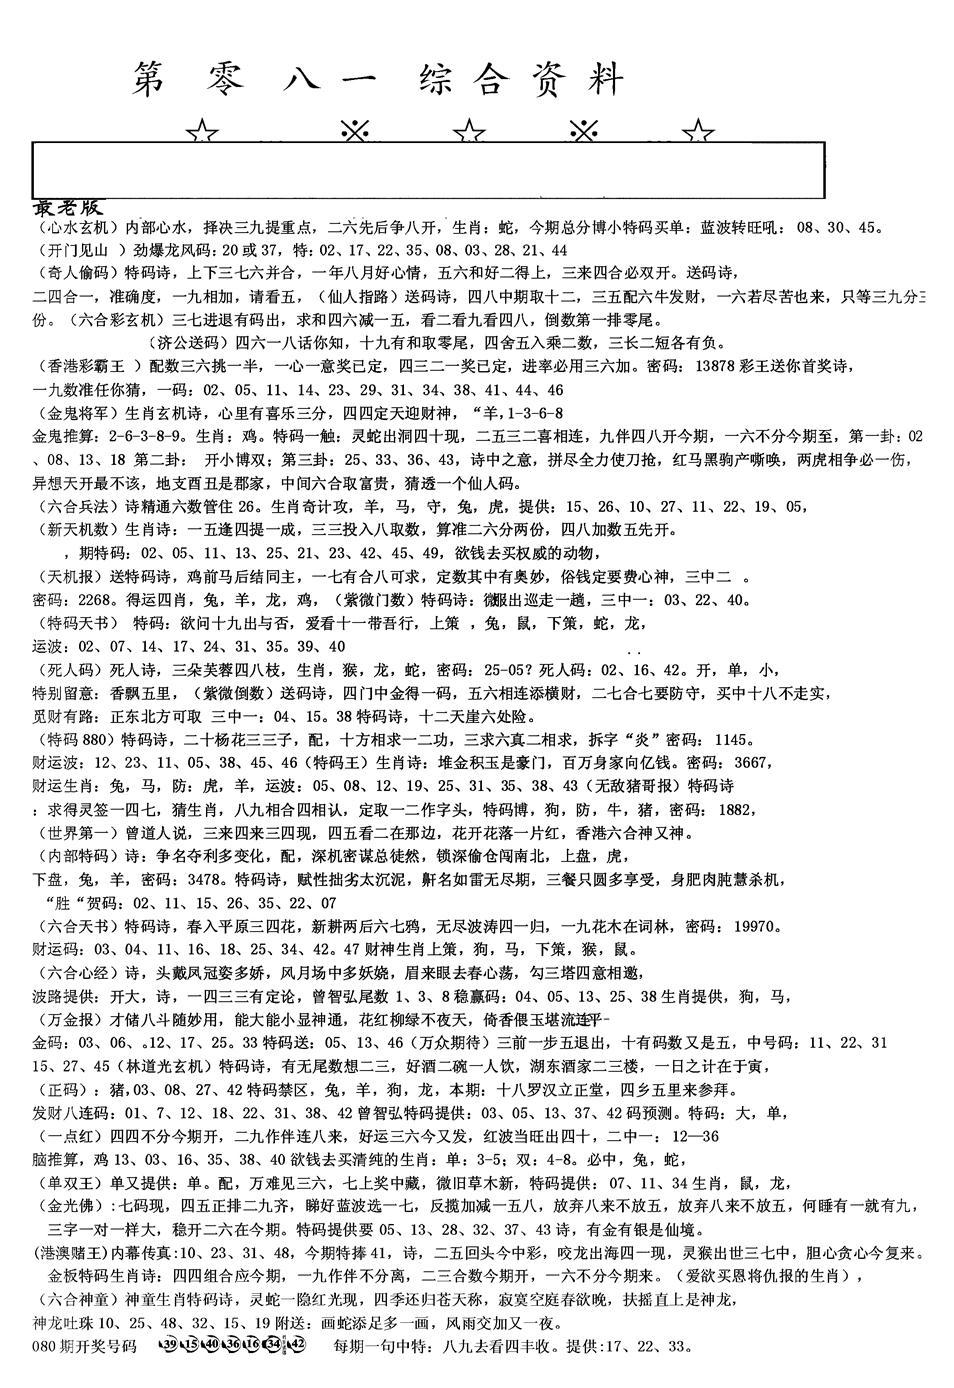 081期另版综合资料A(早图)(黑白)